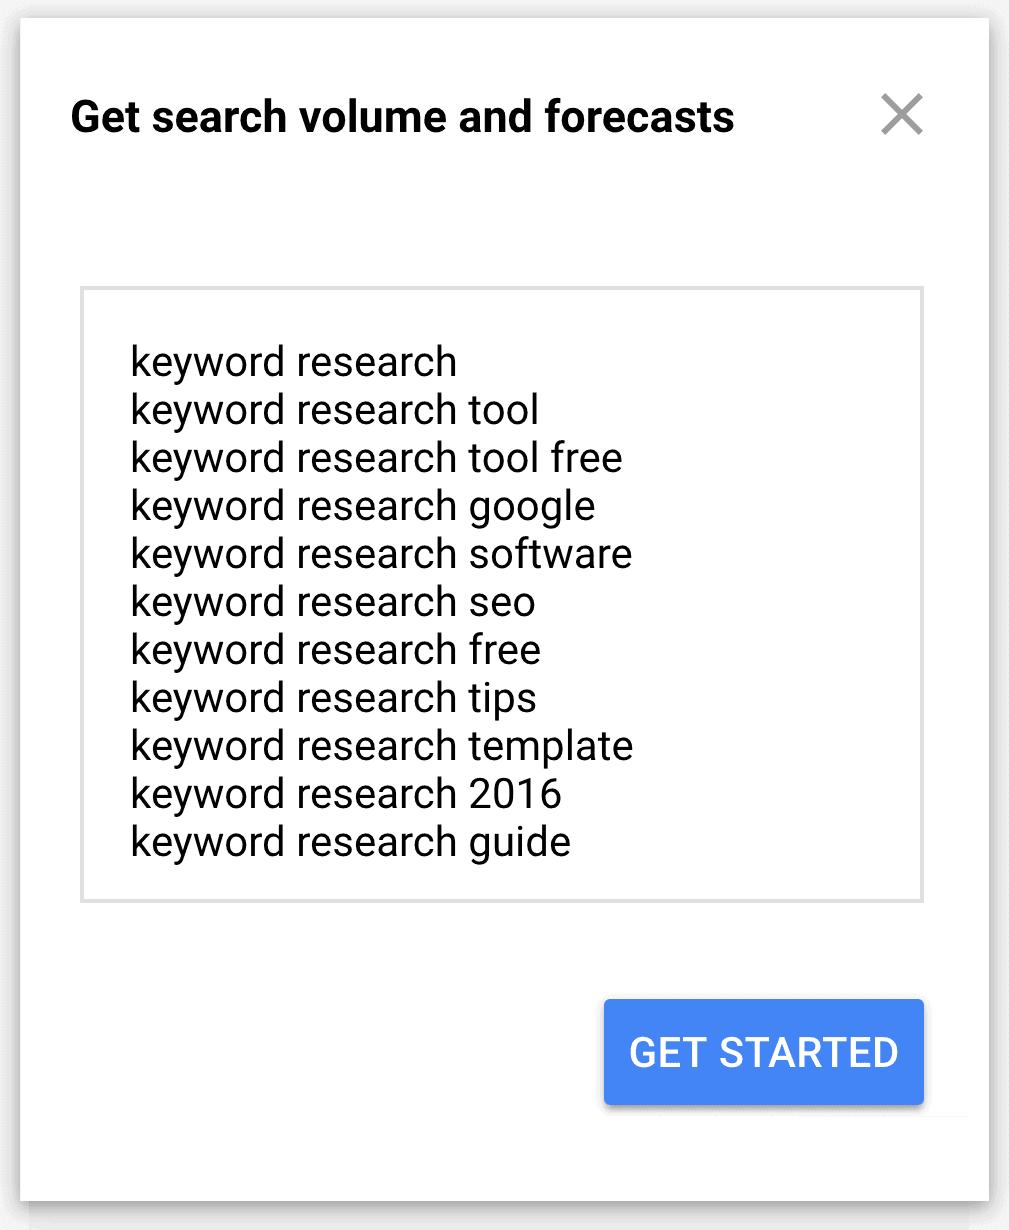 מתכנן מילות המפתח של גוגל - נפח ותחזיות